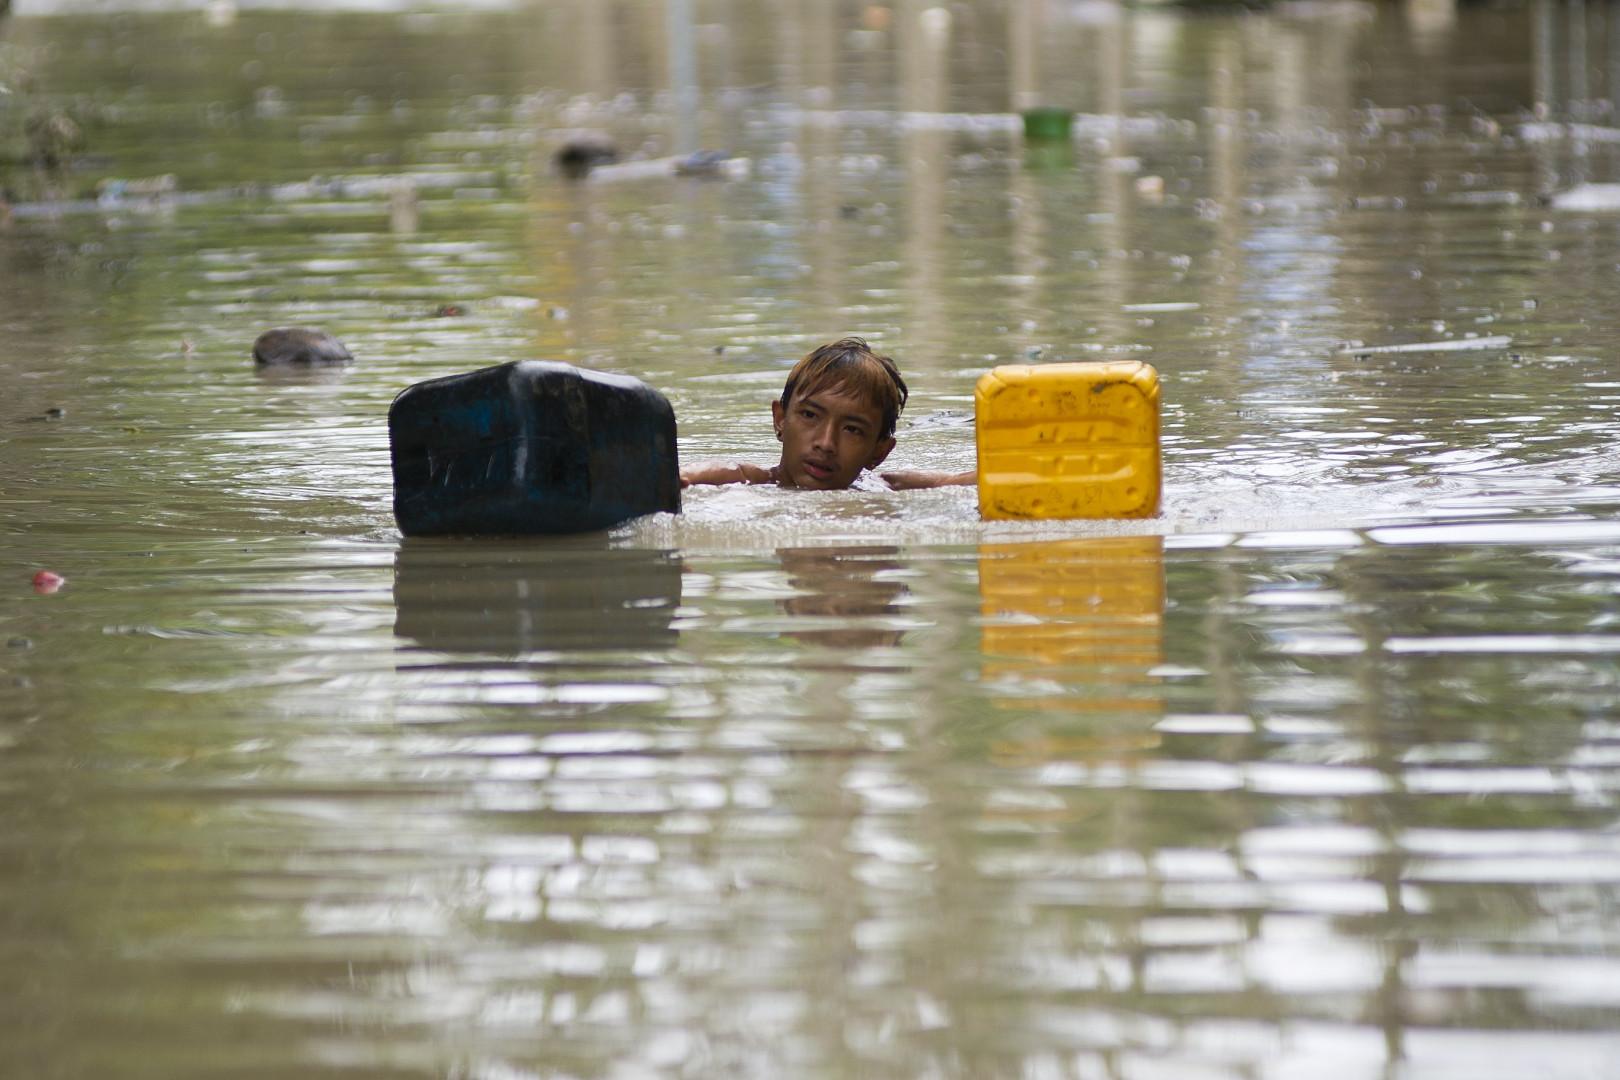 Les habitants sont contraints de chercher de l'eau et de la nourriture dans les décombres